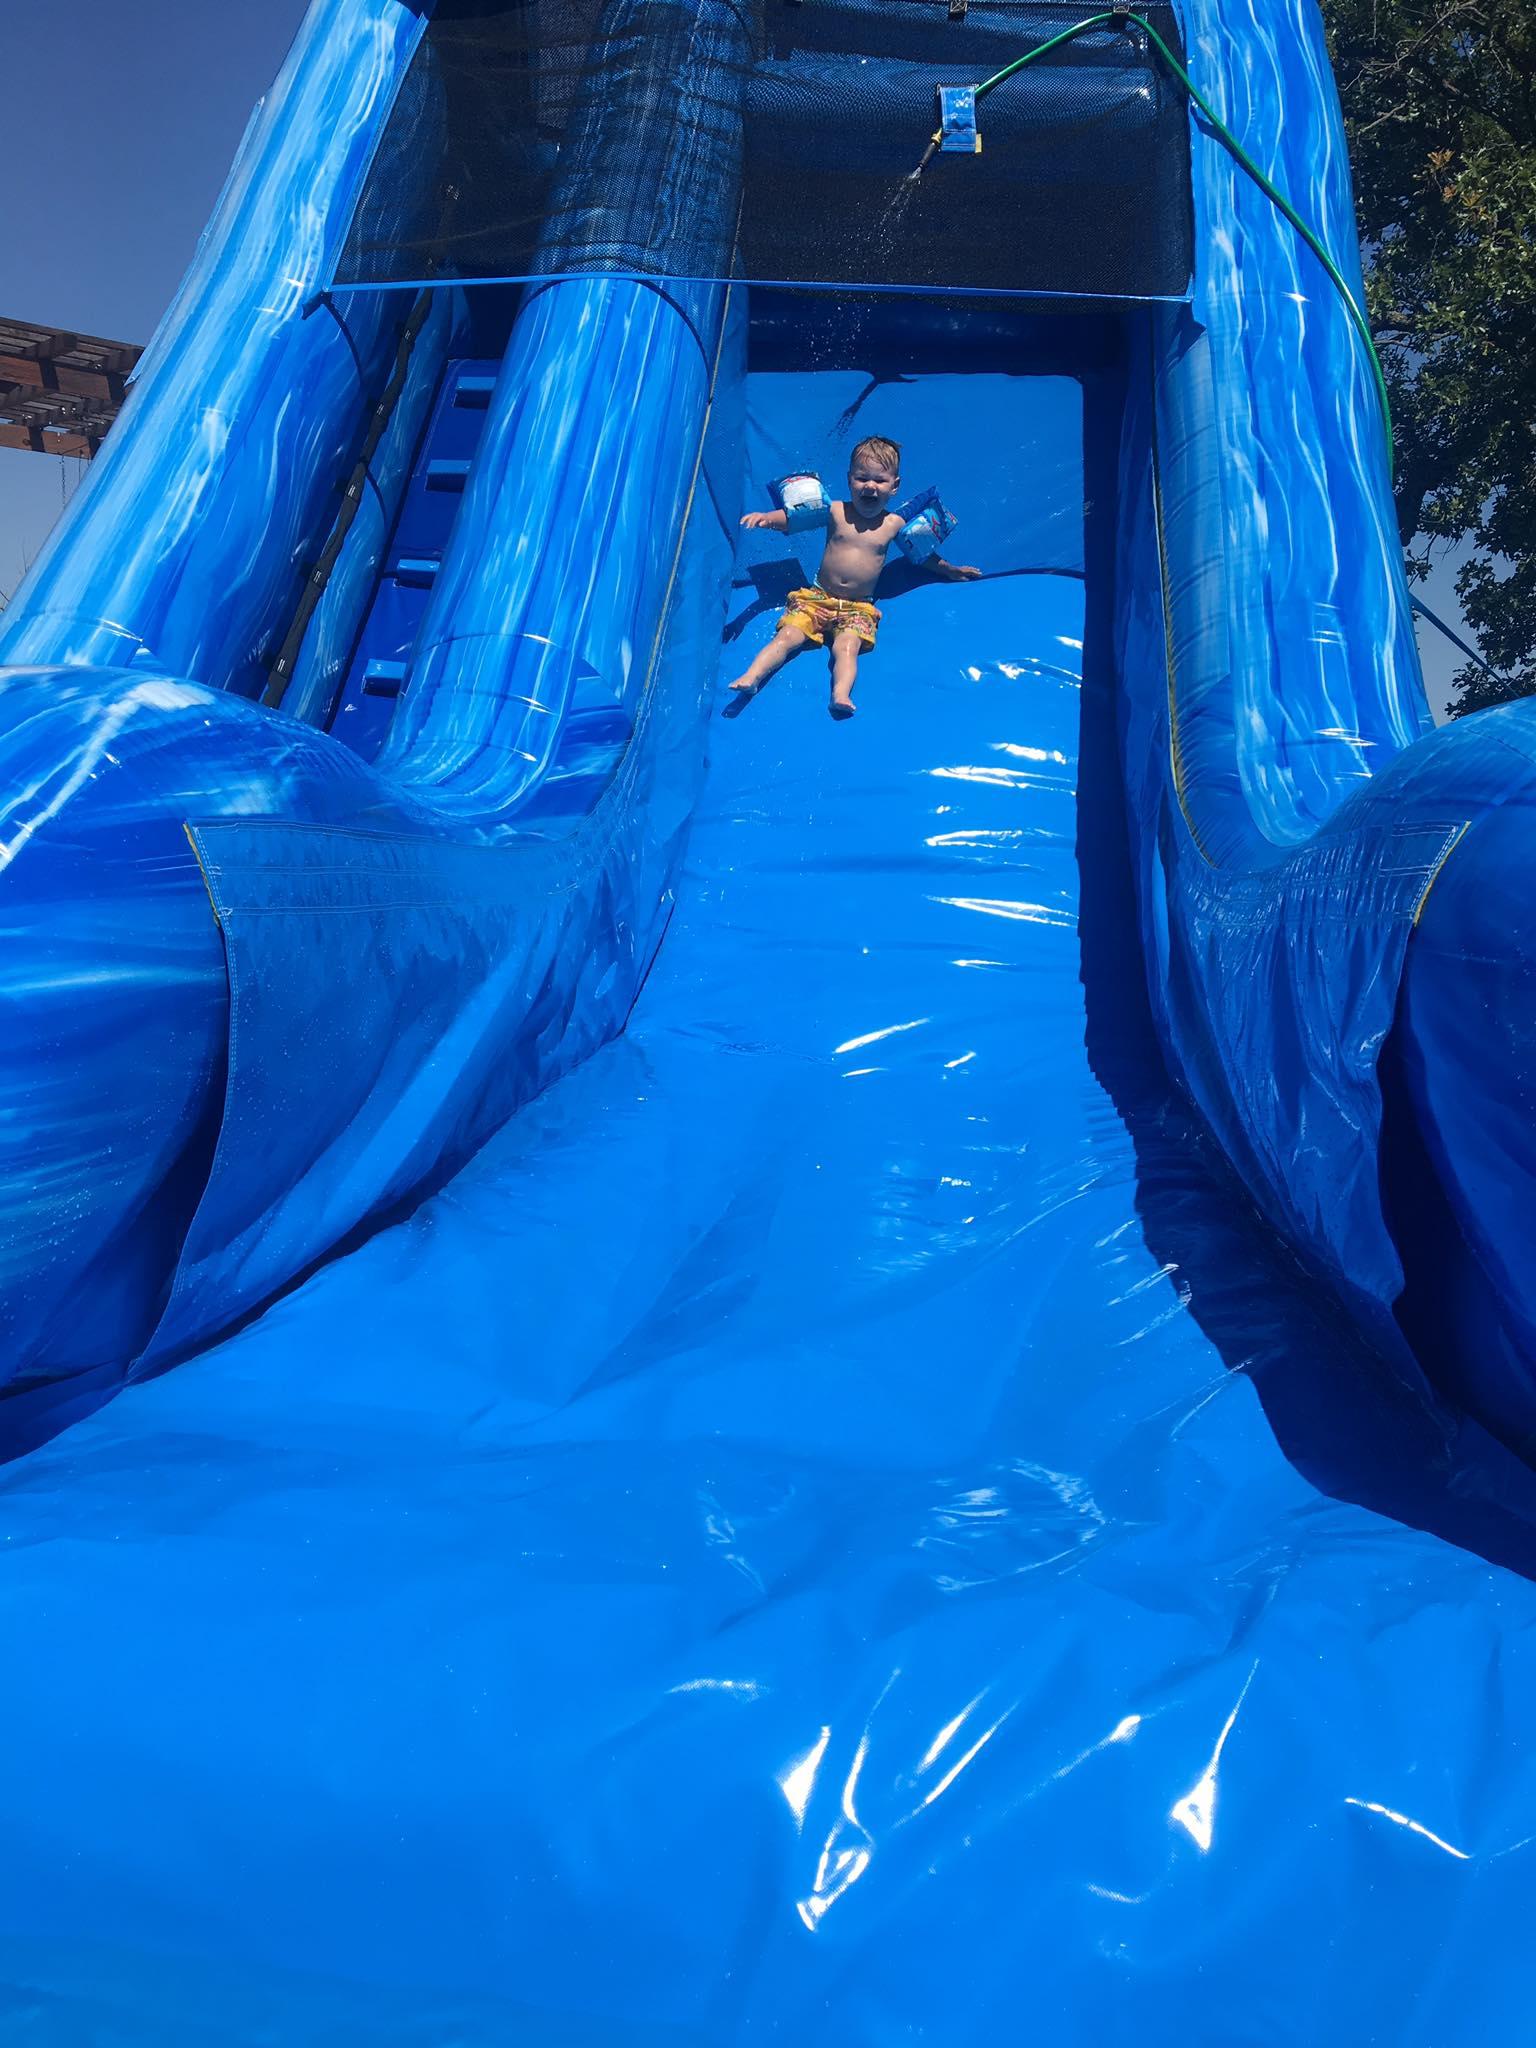 Big Blue Slide Water Slide Rental Tulsa Bounce Pro